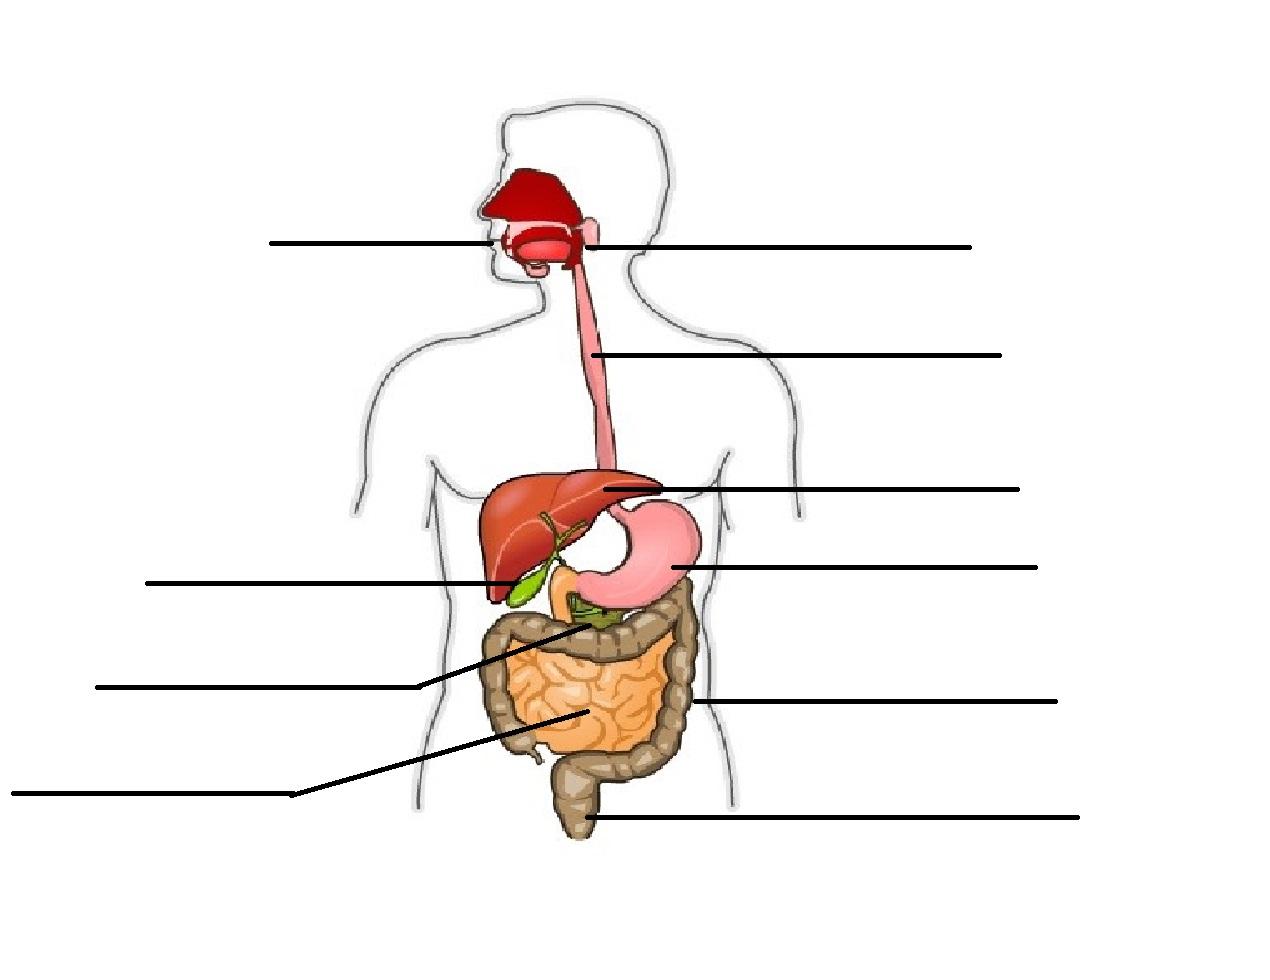 Esquema Del Aparato Digestivo Humano Imagui Aparato